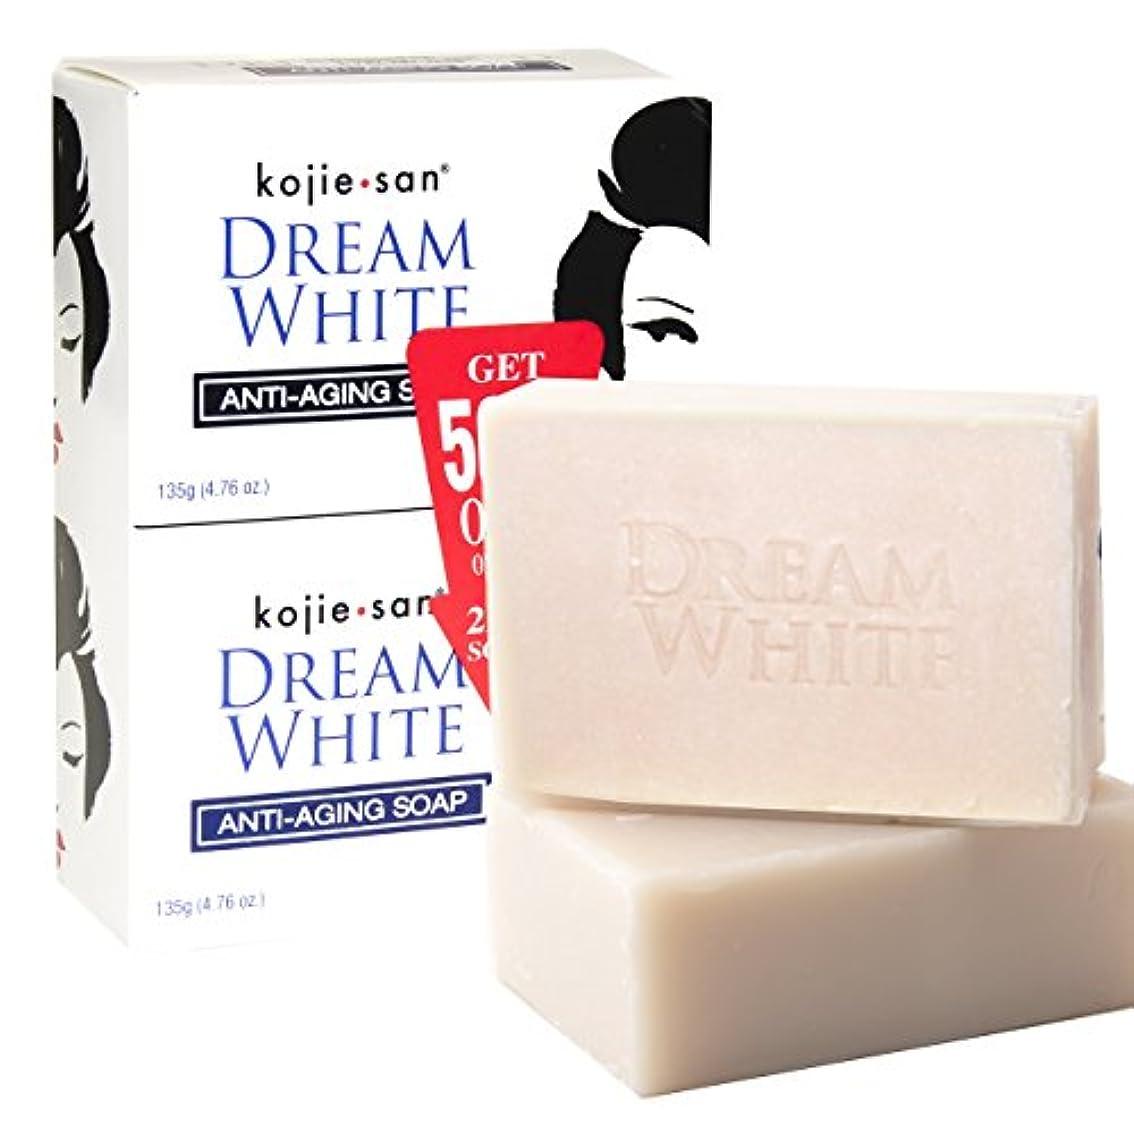 寛大さボット中間kojie san DREAM WHITE Soap 135g × 2個 ホワイトニングソープ